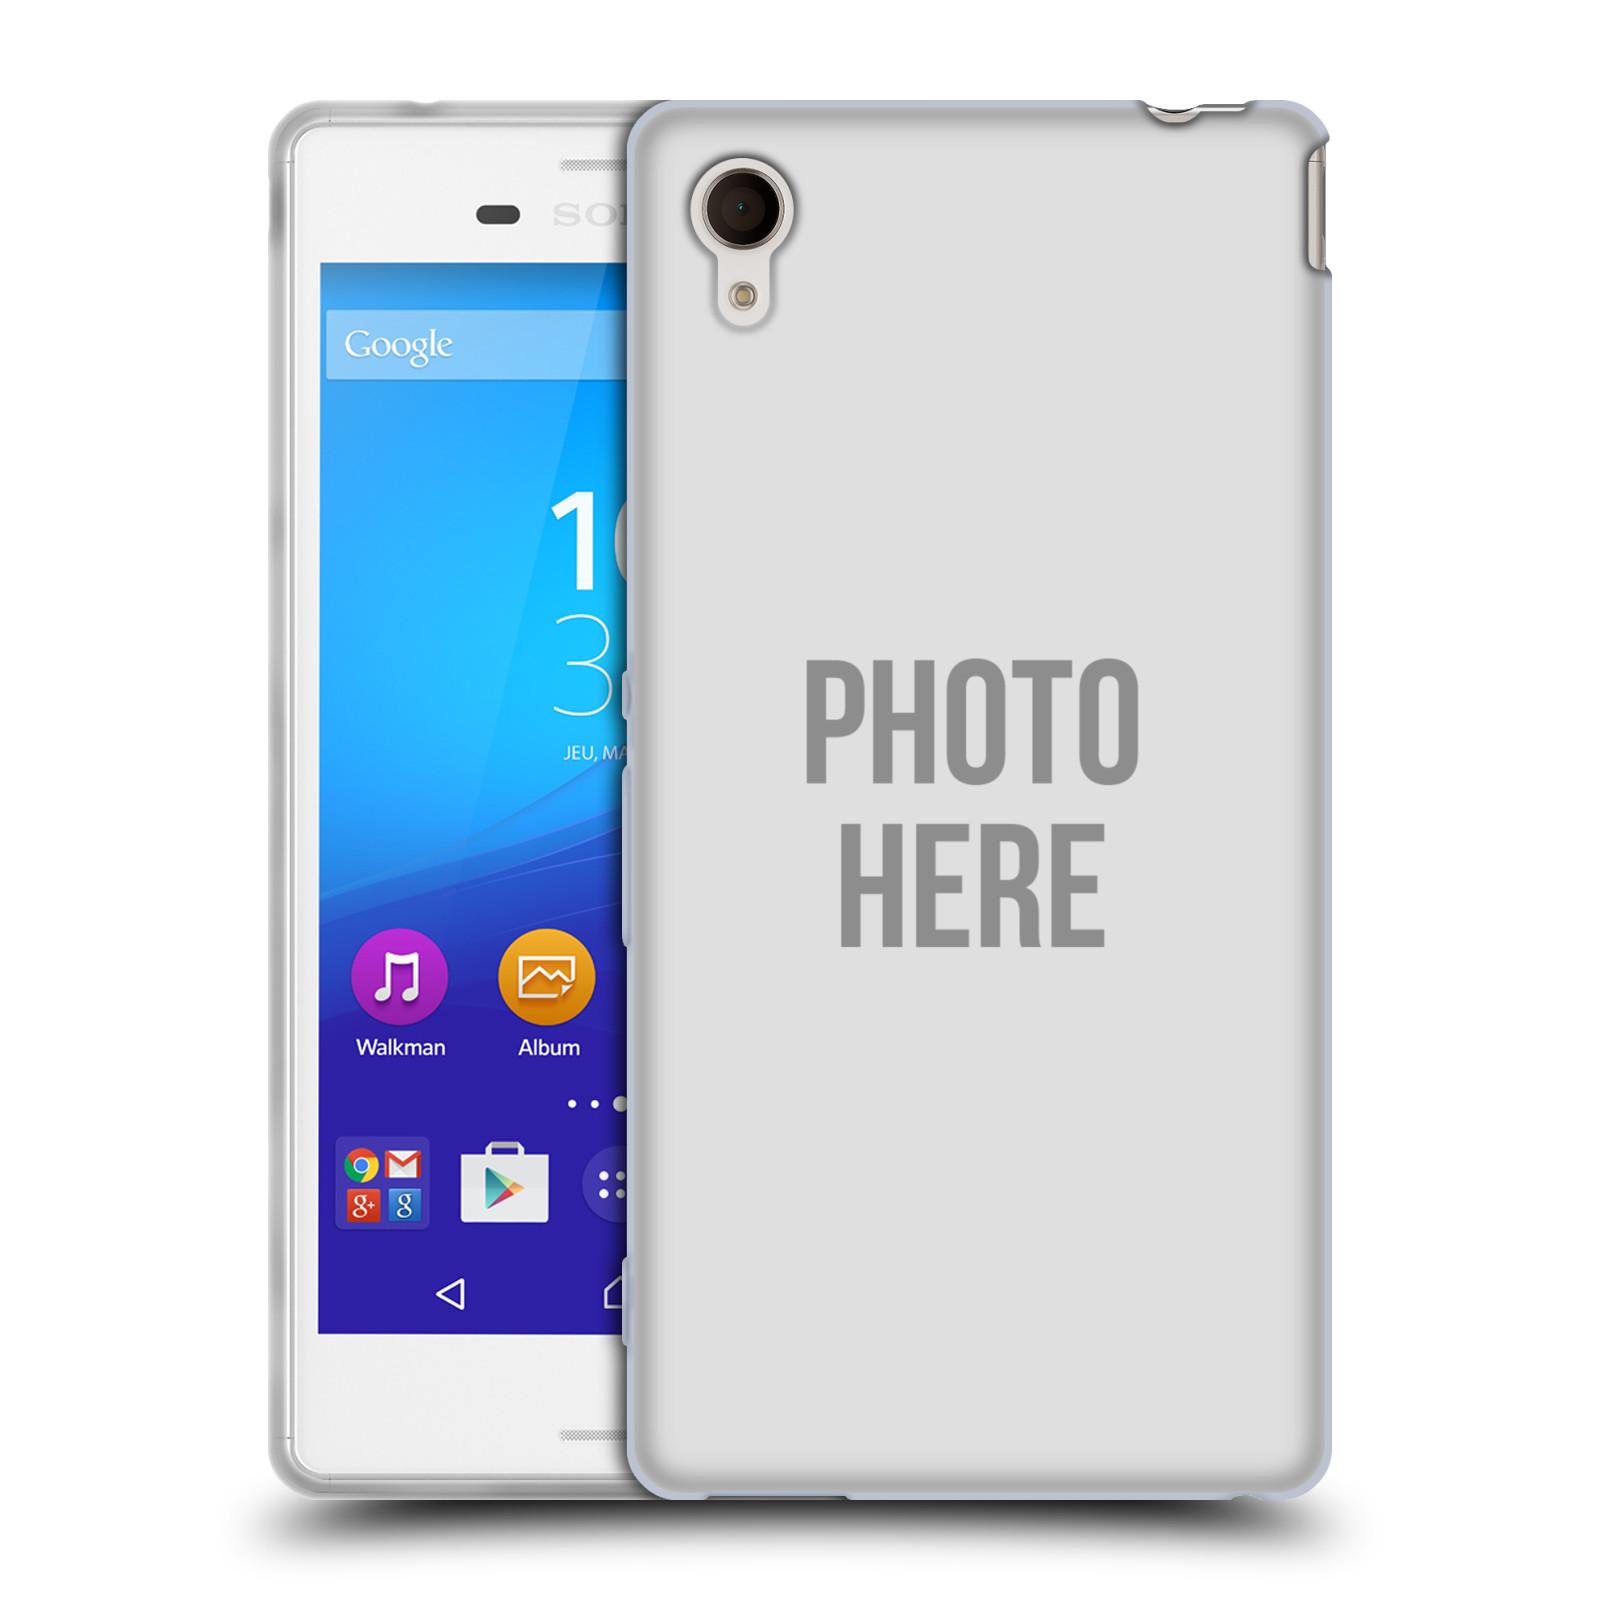 Silikonové pouzdro na mobil Sony Xperia M4 Aqua E2303 HEAD CASE s vlastním motivem (Silikonový kryt či obal s vlastní fotografií na mobilní telefon Sony Xperia M4 Aqua a M4 Aqua Dual SIM)